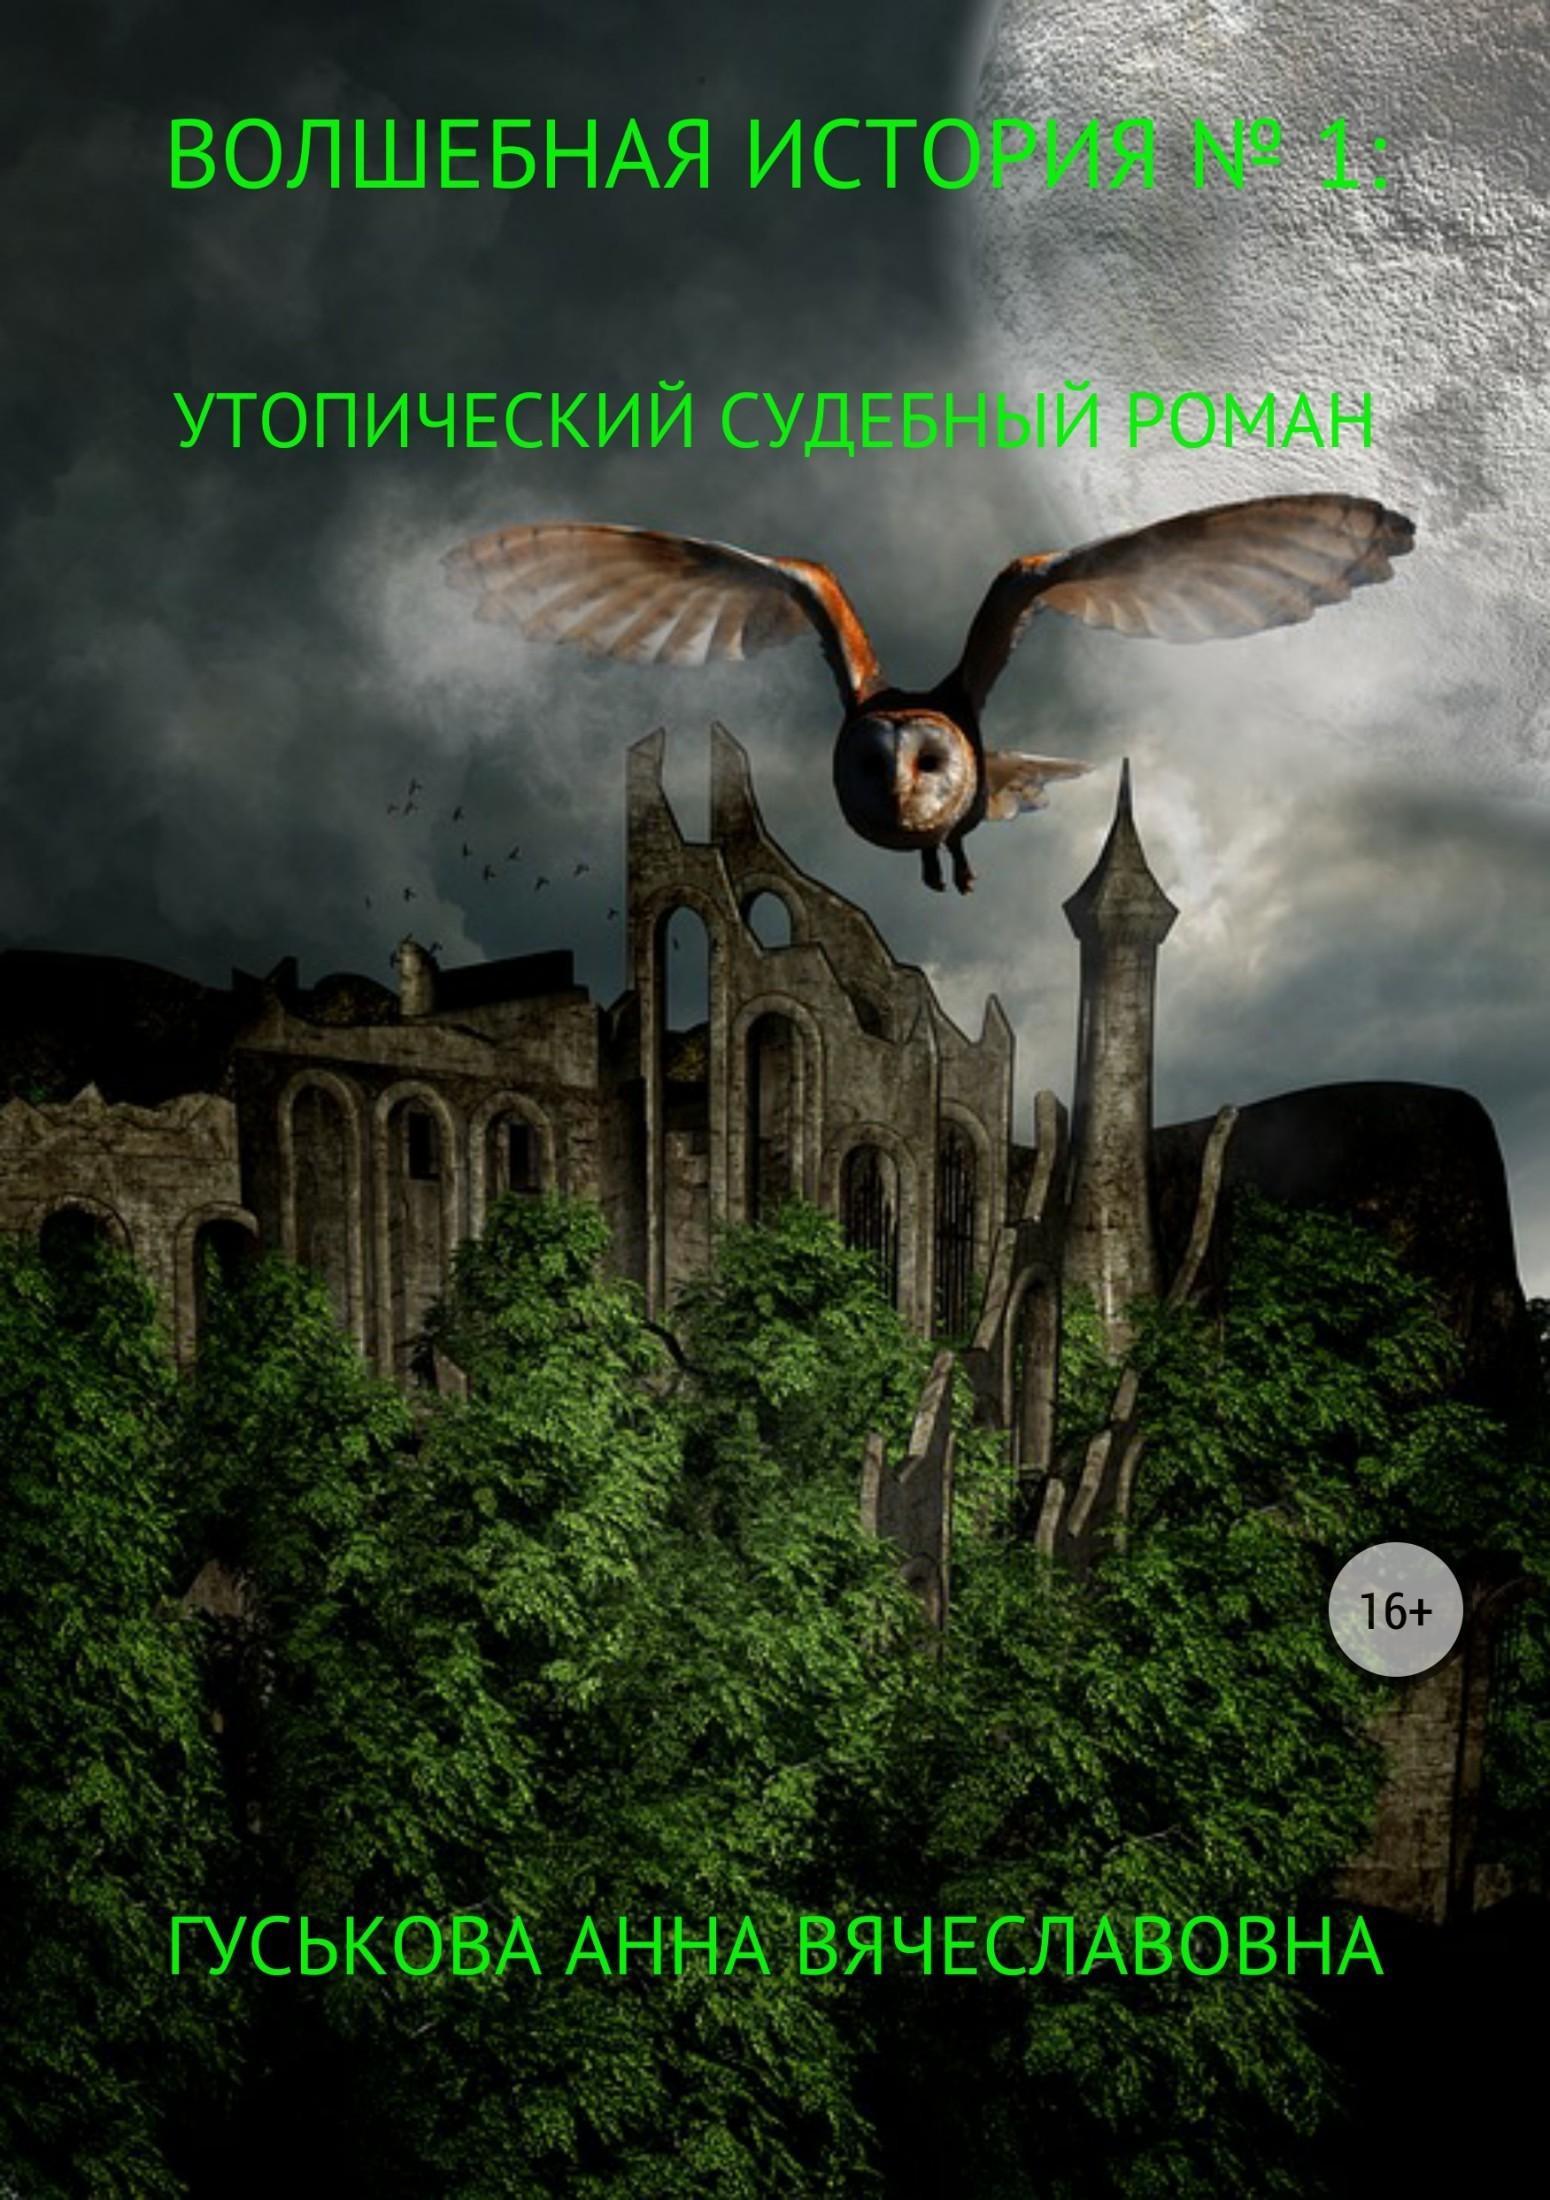 Волшебная история № 1: Утопический судебный роман